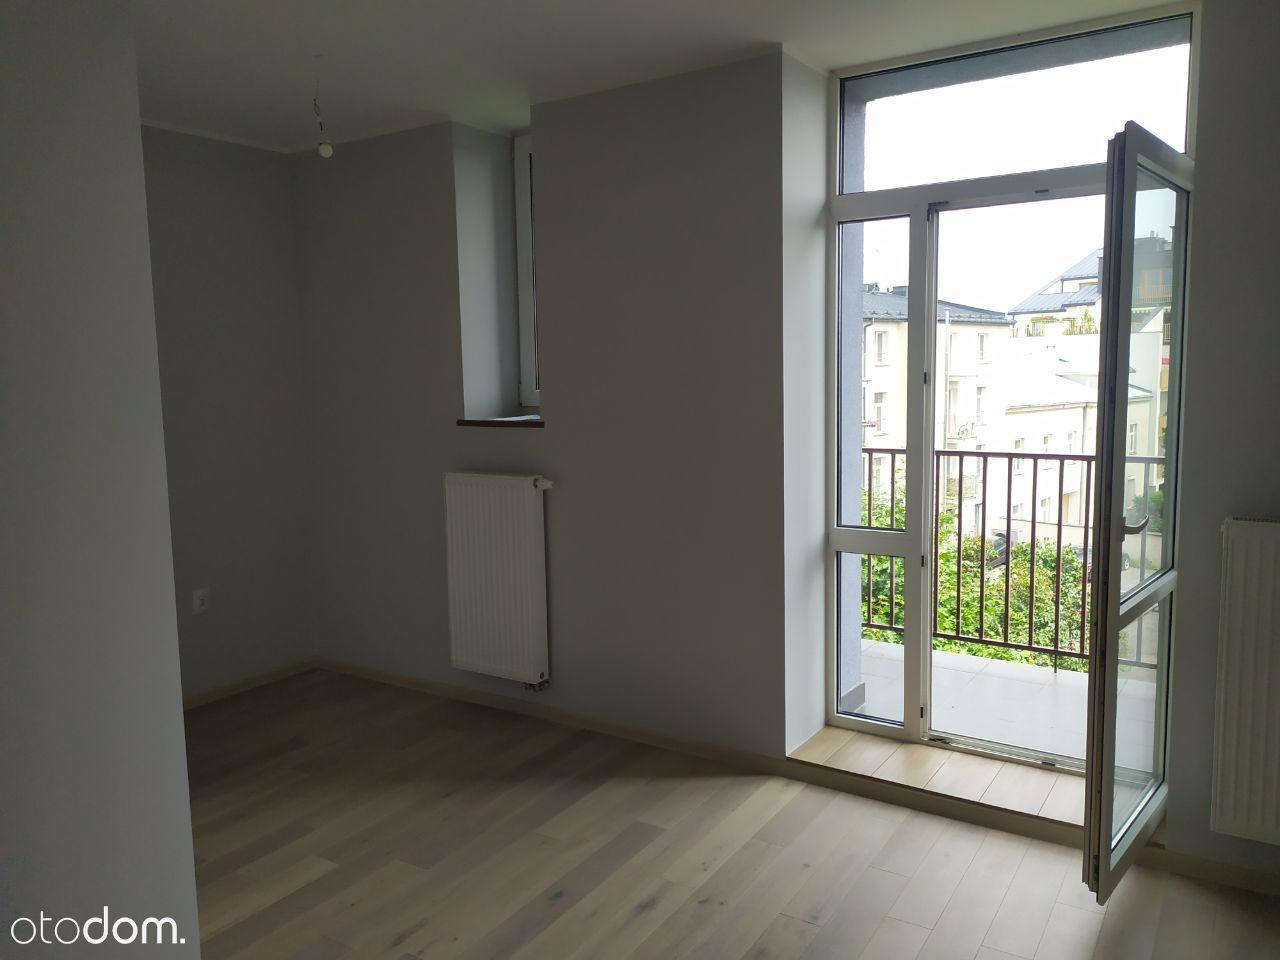 Sprzedam mieszkanie 45 m2, IIp., centrum Kielce